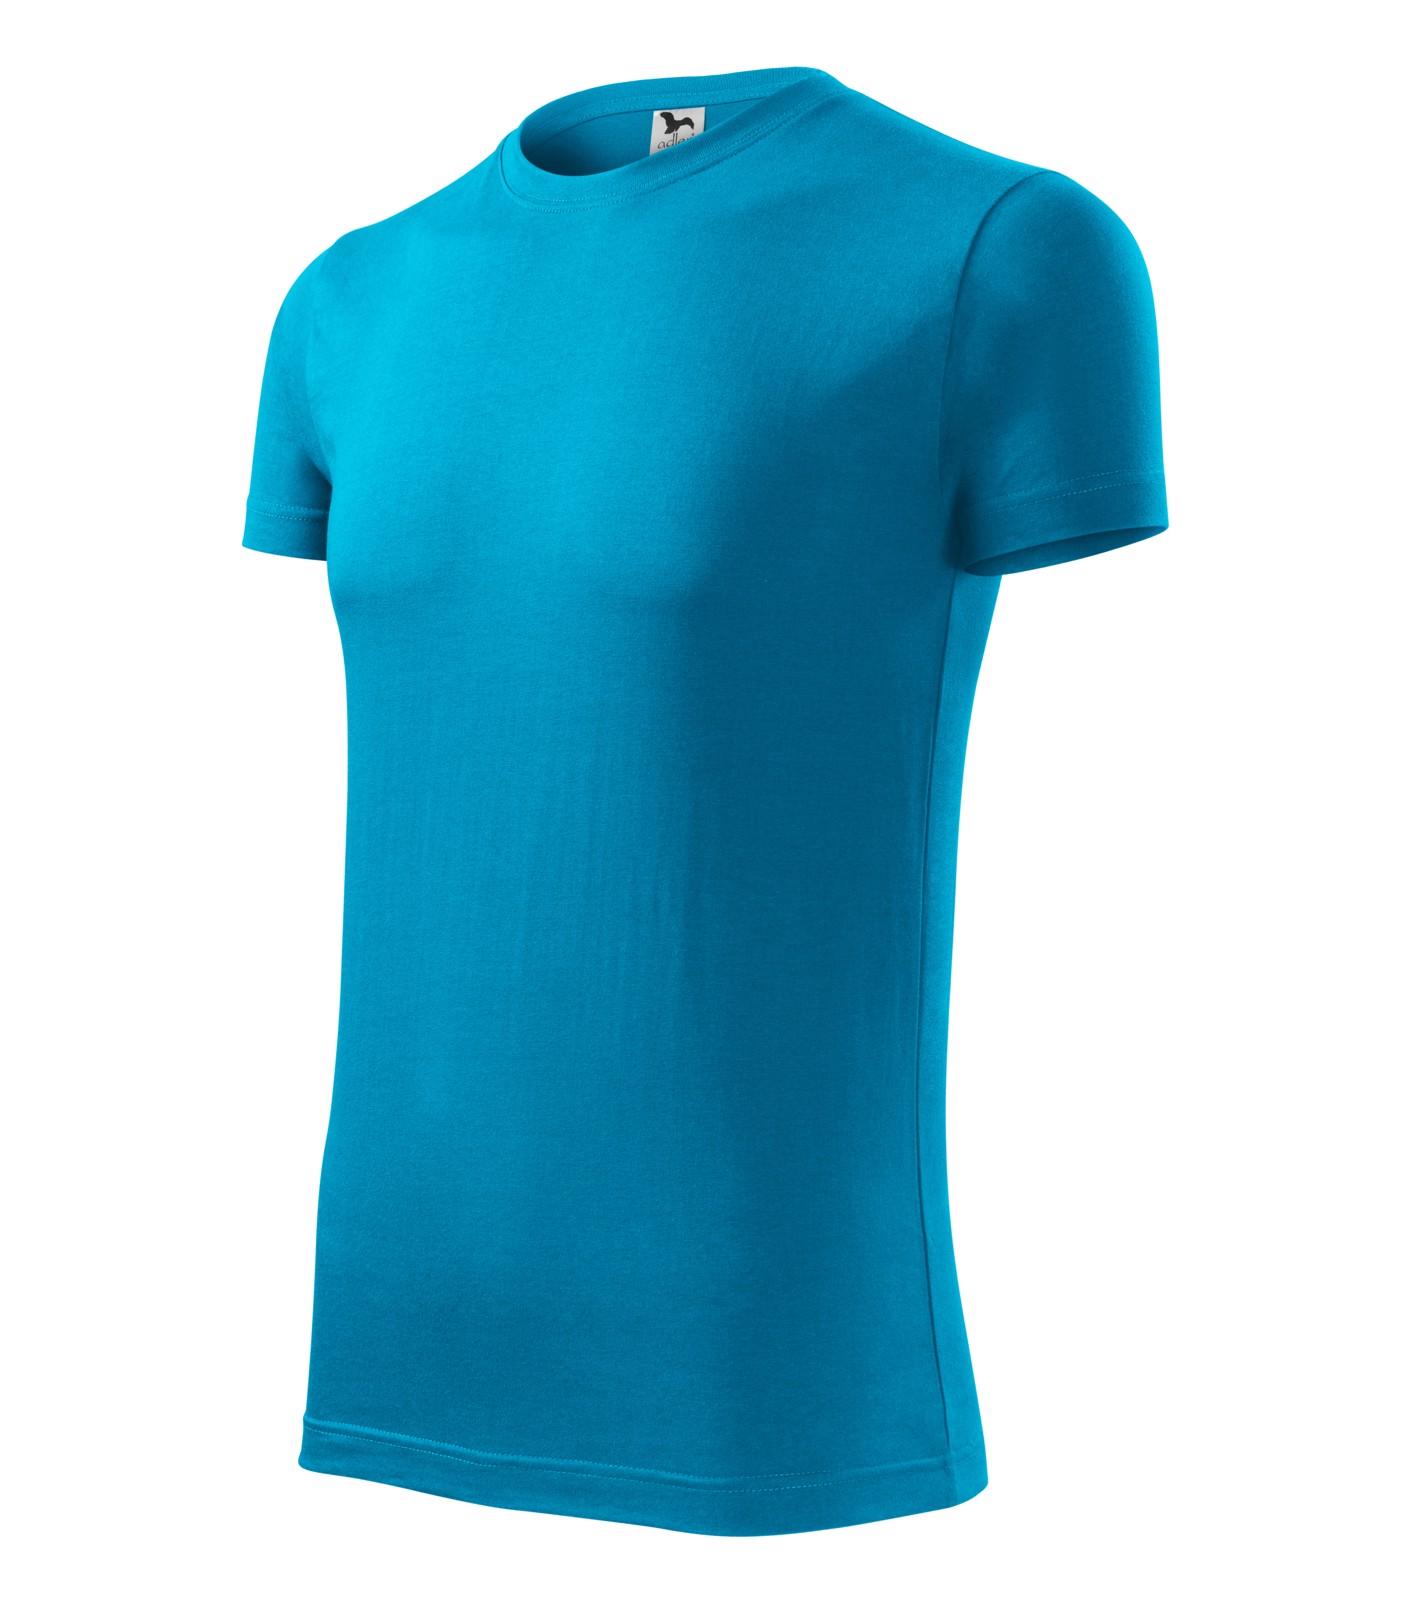 T-shirt Gents Malfini Viper - Blue Atoll / M